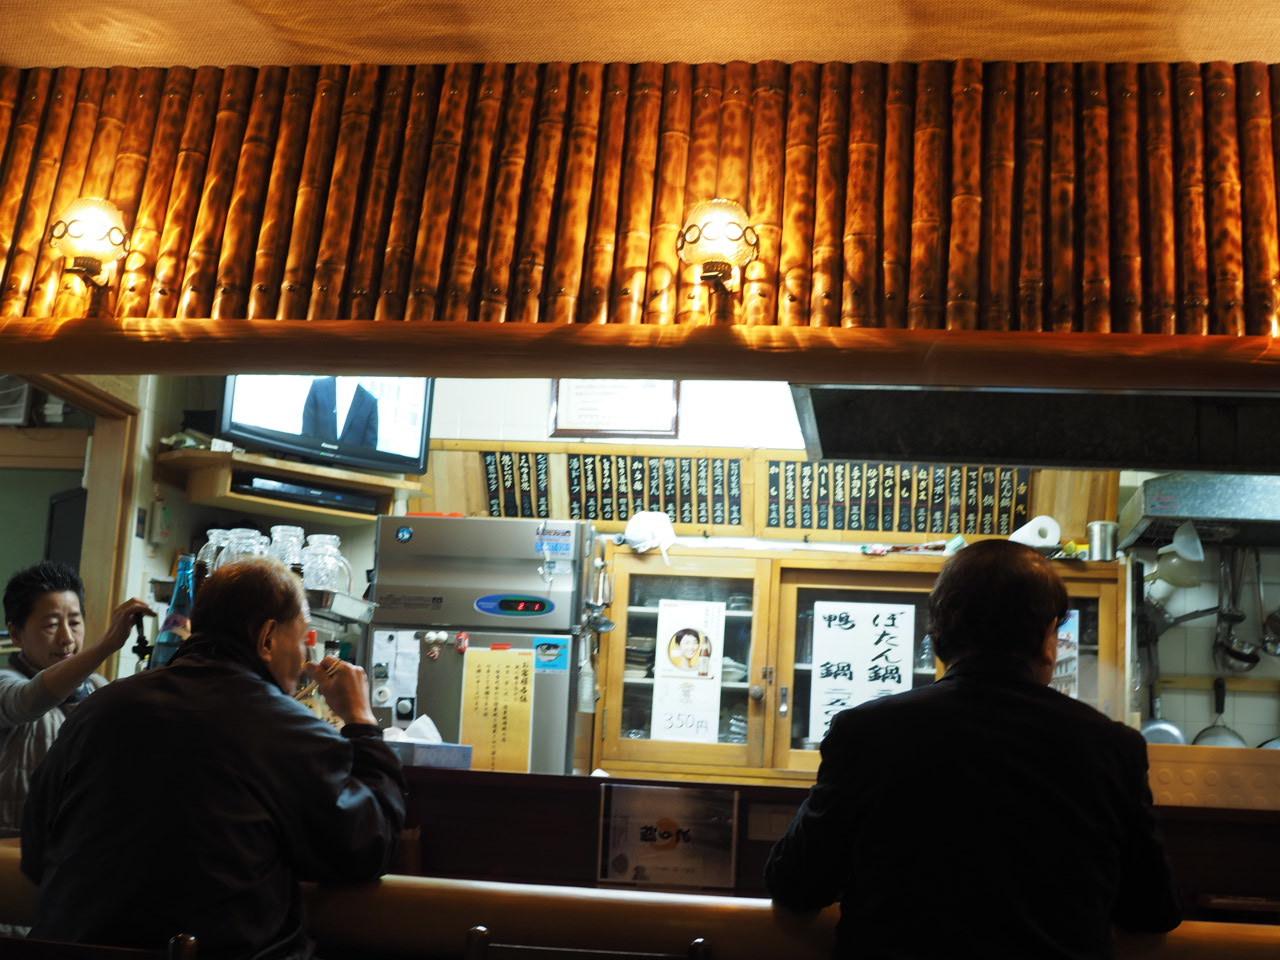 尼崎センタープールの老舗の名店・とり福さんでイノシシ鍋_f0135940_01241282.jpg